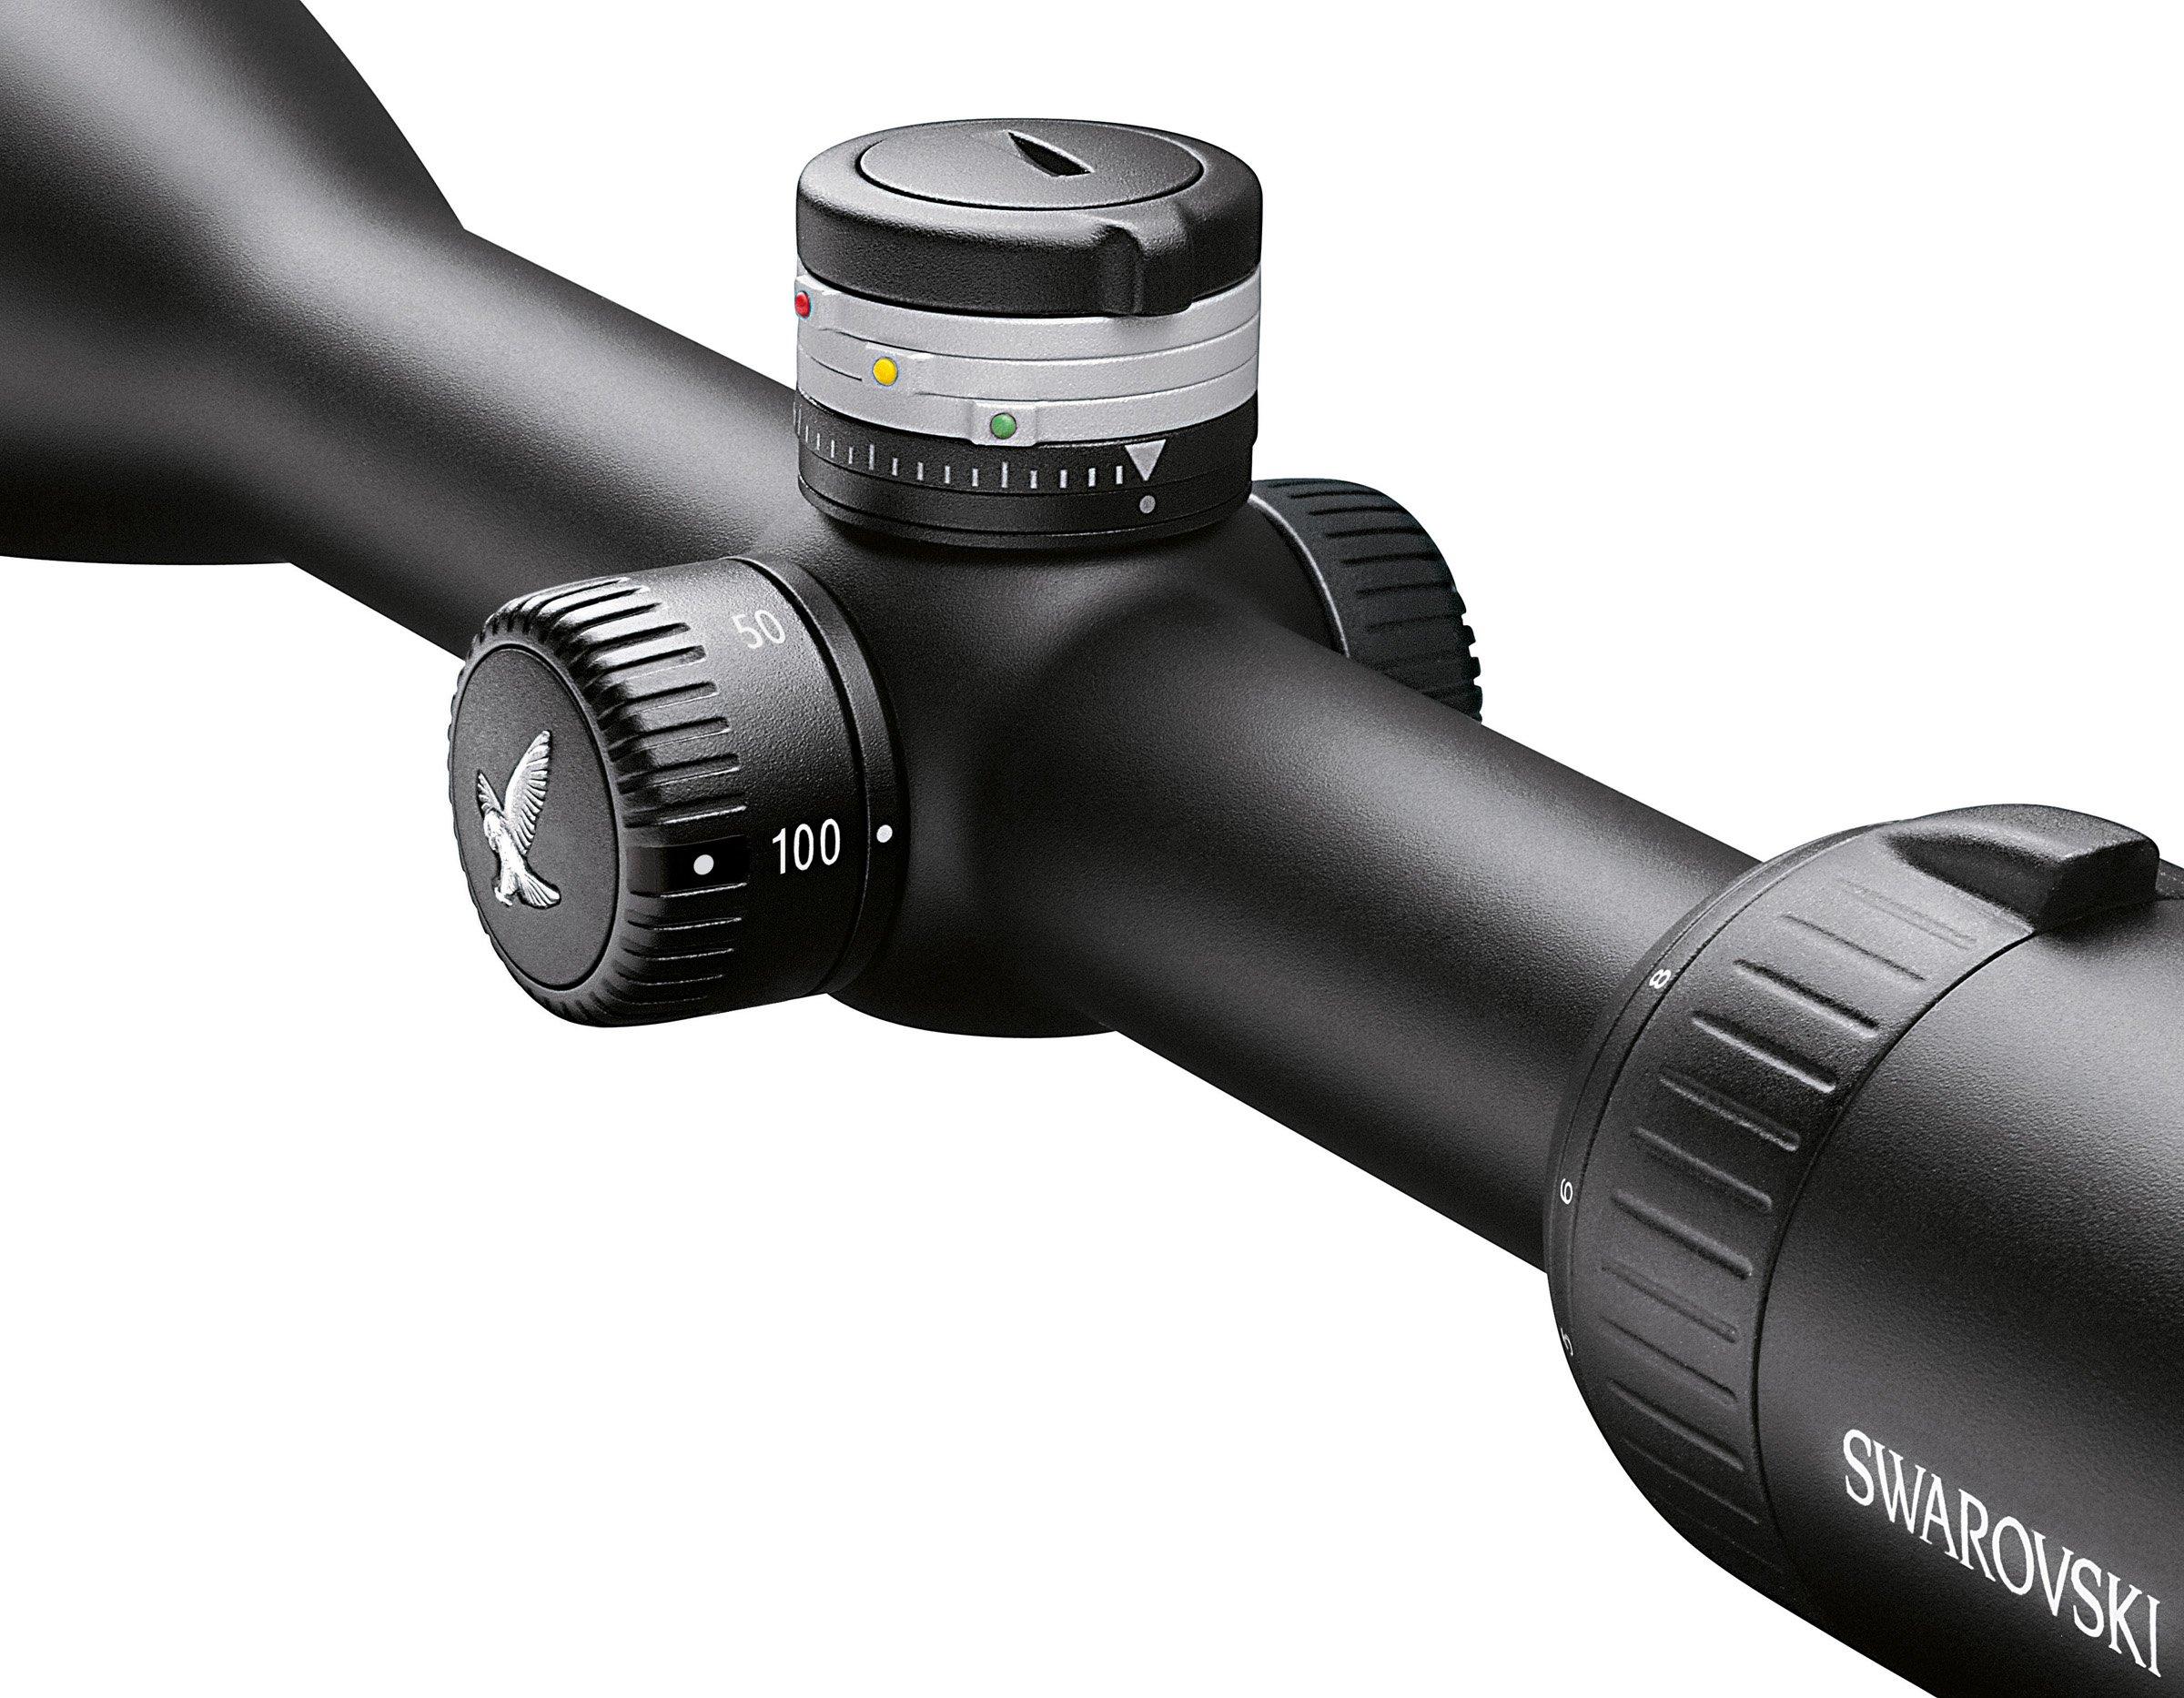 Swarovski Z5 3.5-18x44 Ballistic Turret Plex Reticle Riflescope by Swarovski Optik